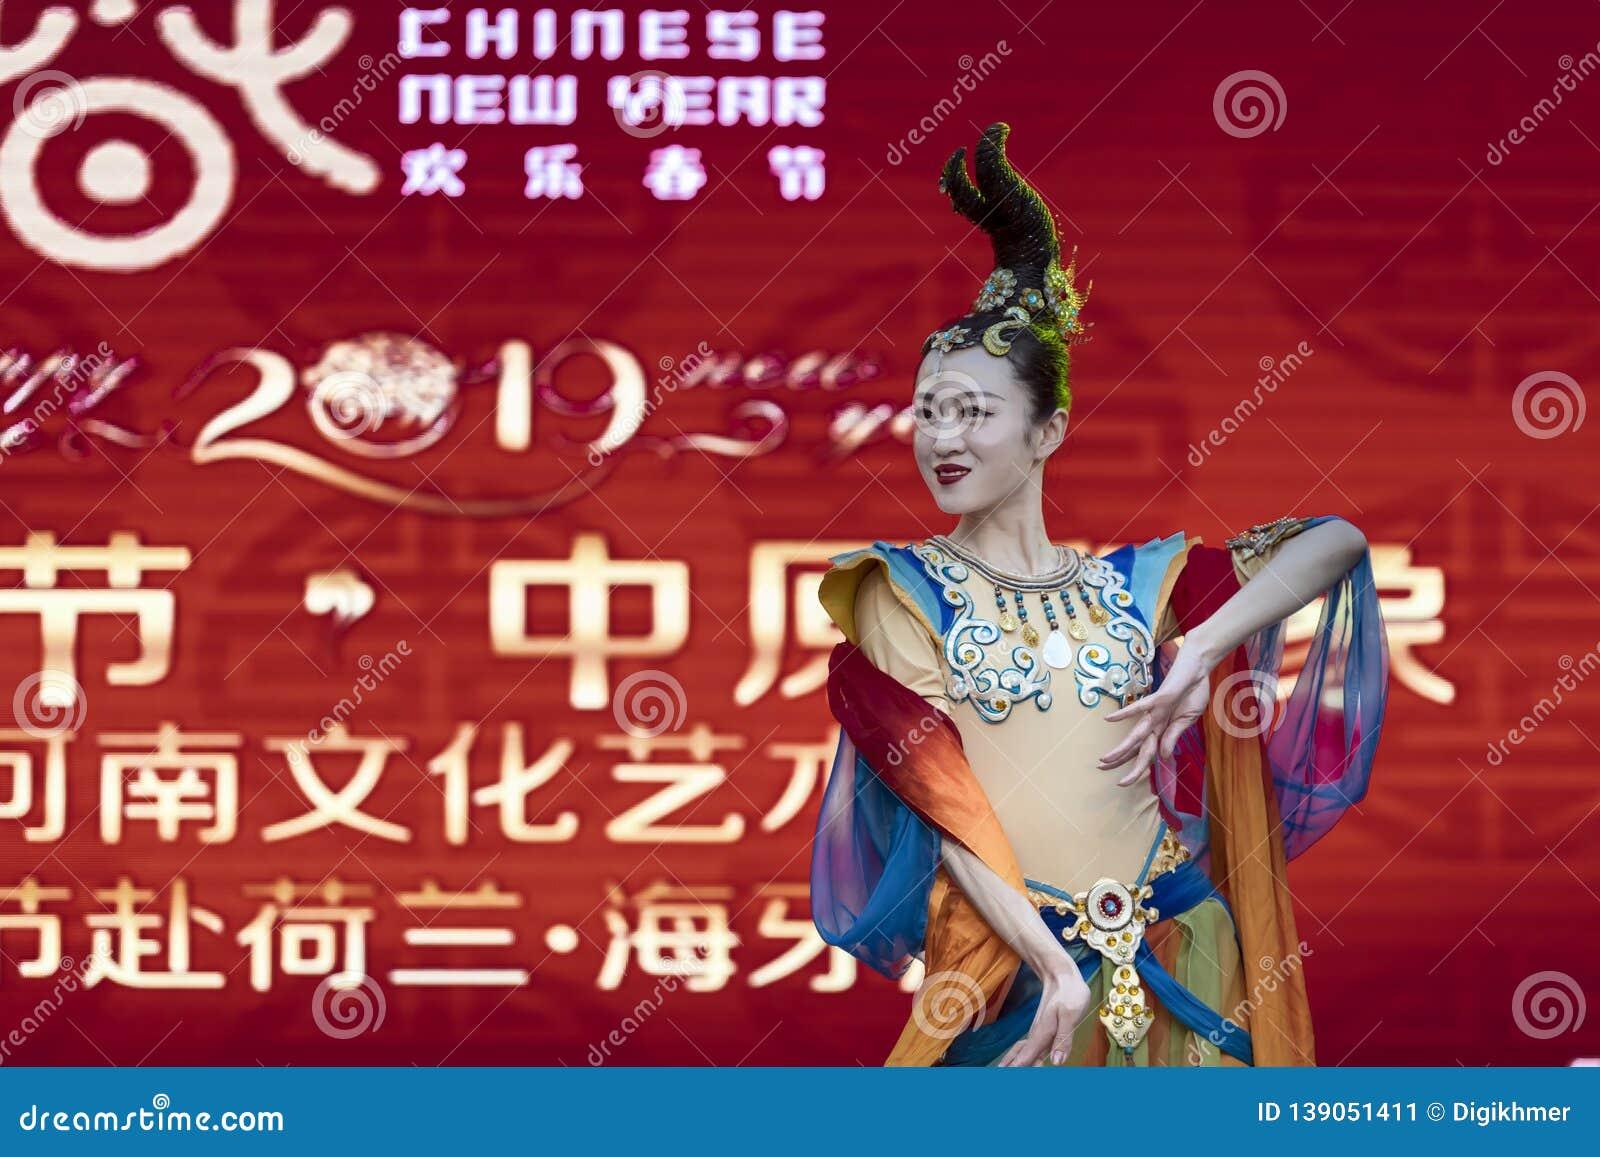 Китайский Новый Год 2019 - портрет